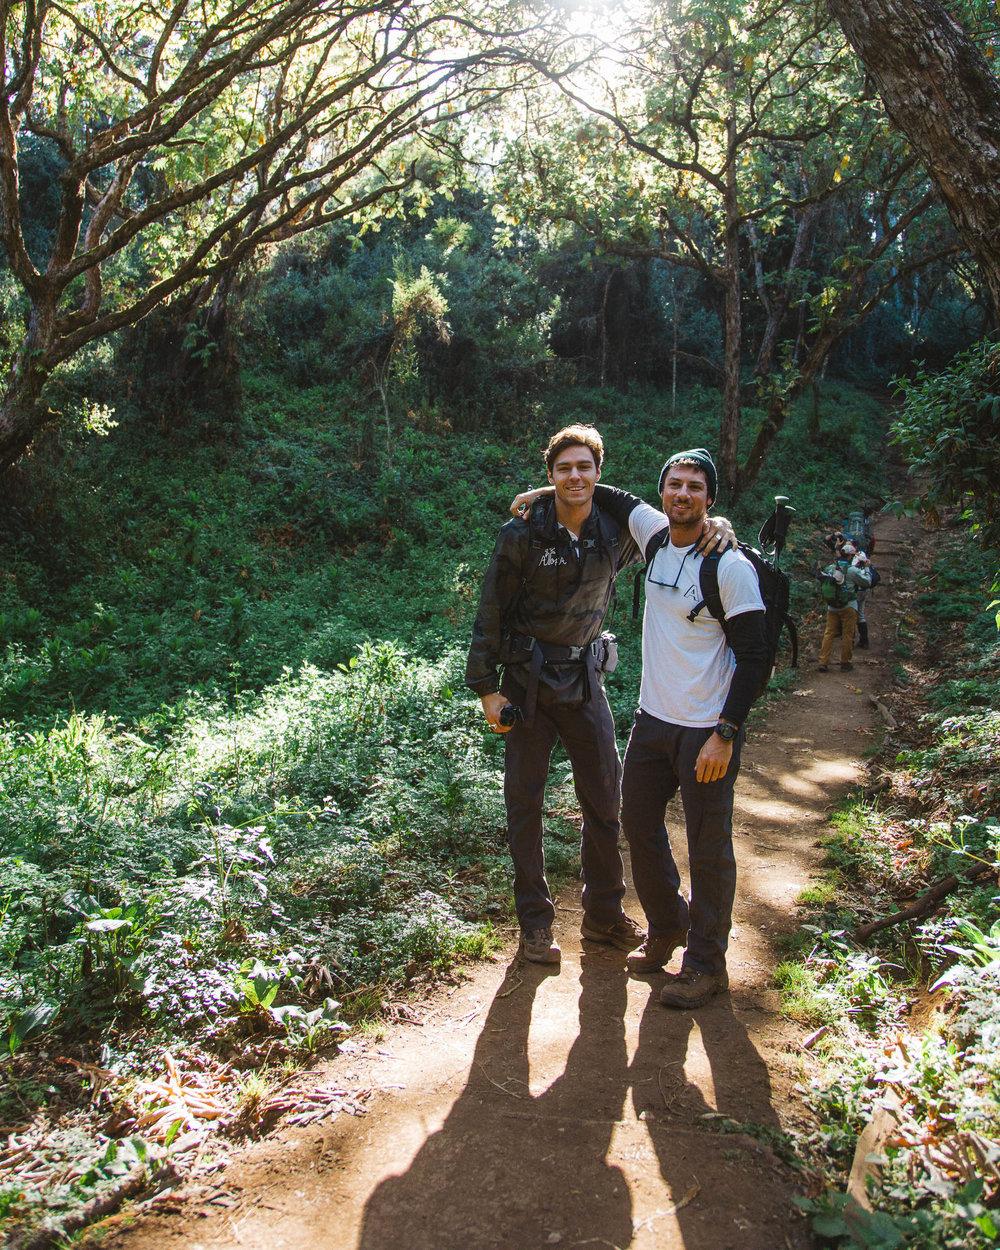 captainbarto-blog-adambartoshesky-misterspoils-mtkilimanjaro-tanzania-october2017-day1166.jpg